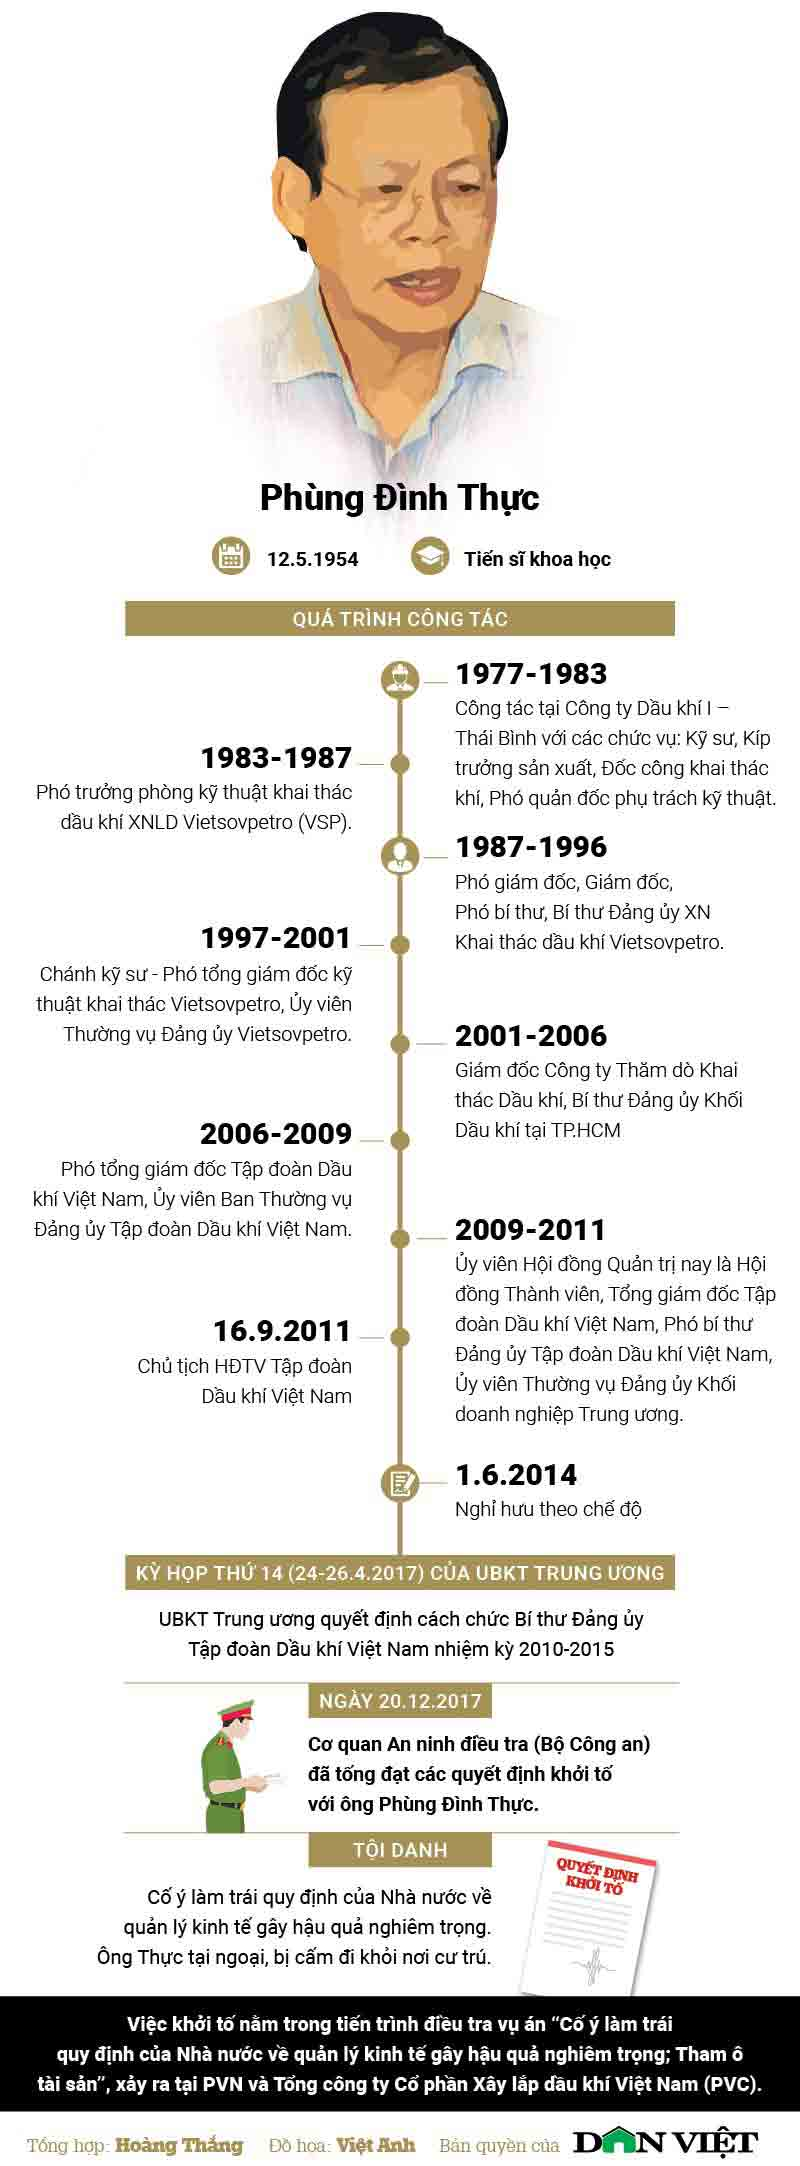 Đường công danh của cựu Tổng Giám đốc PVN Phùng Đình Thực